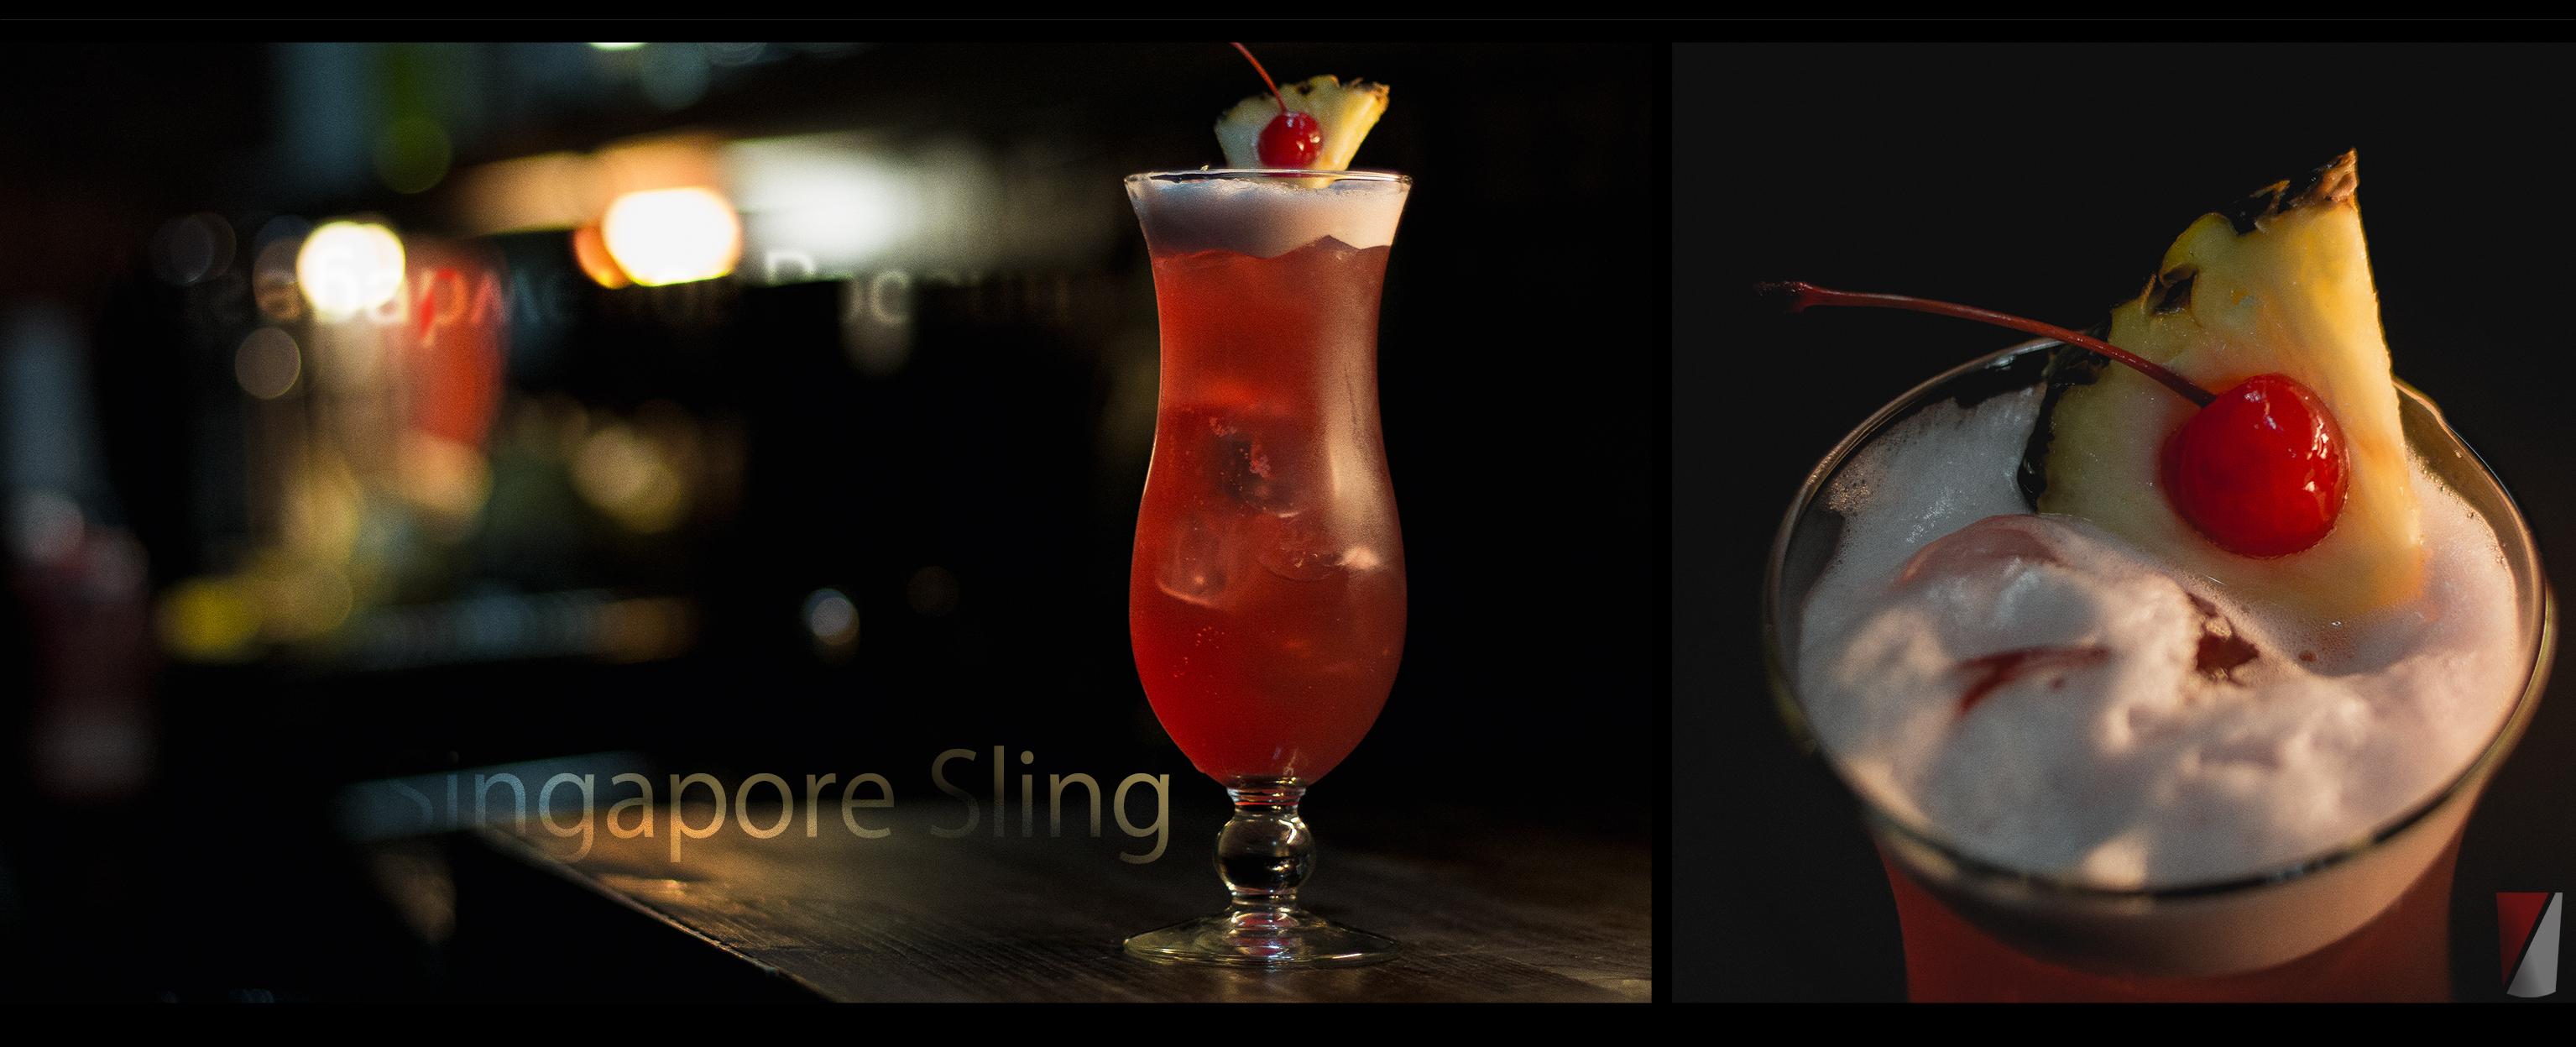 Рецепт коктейля Сингапурский Слинг